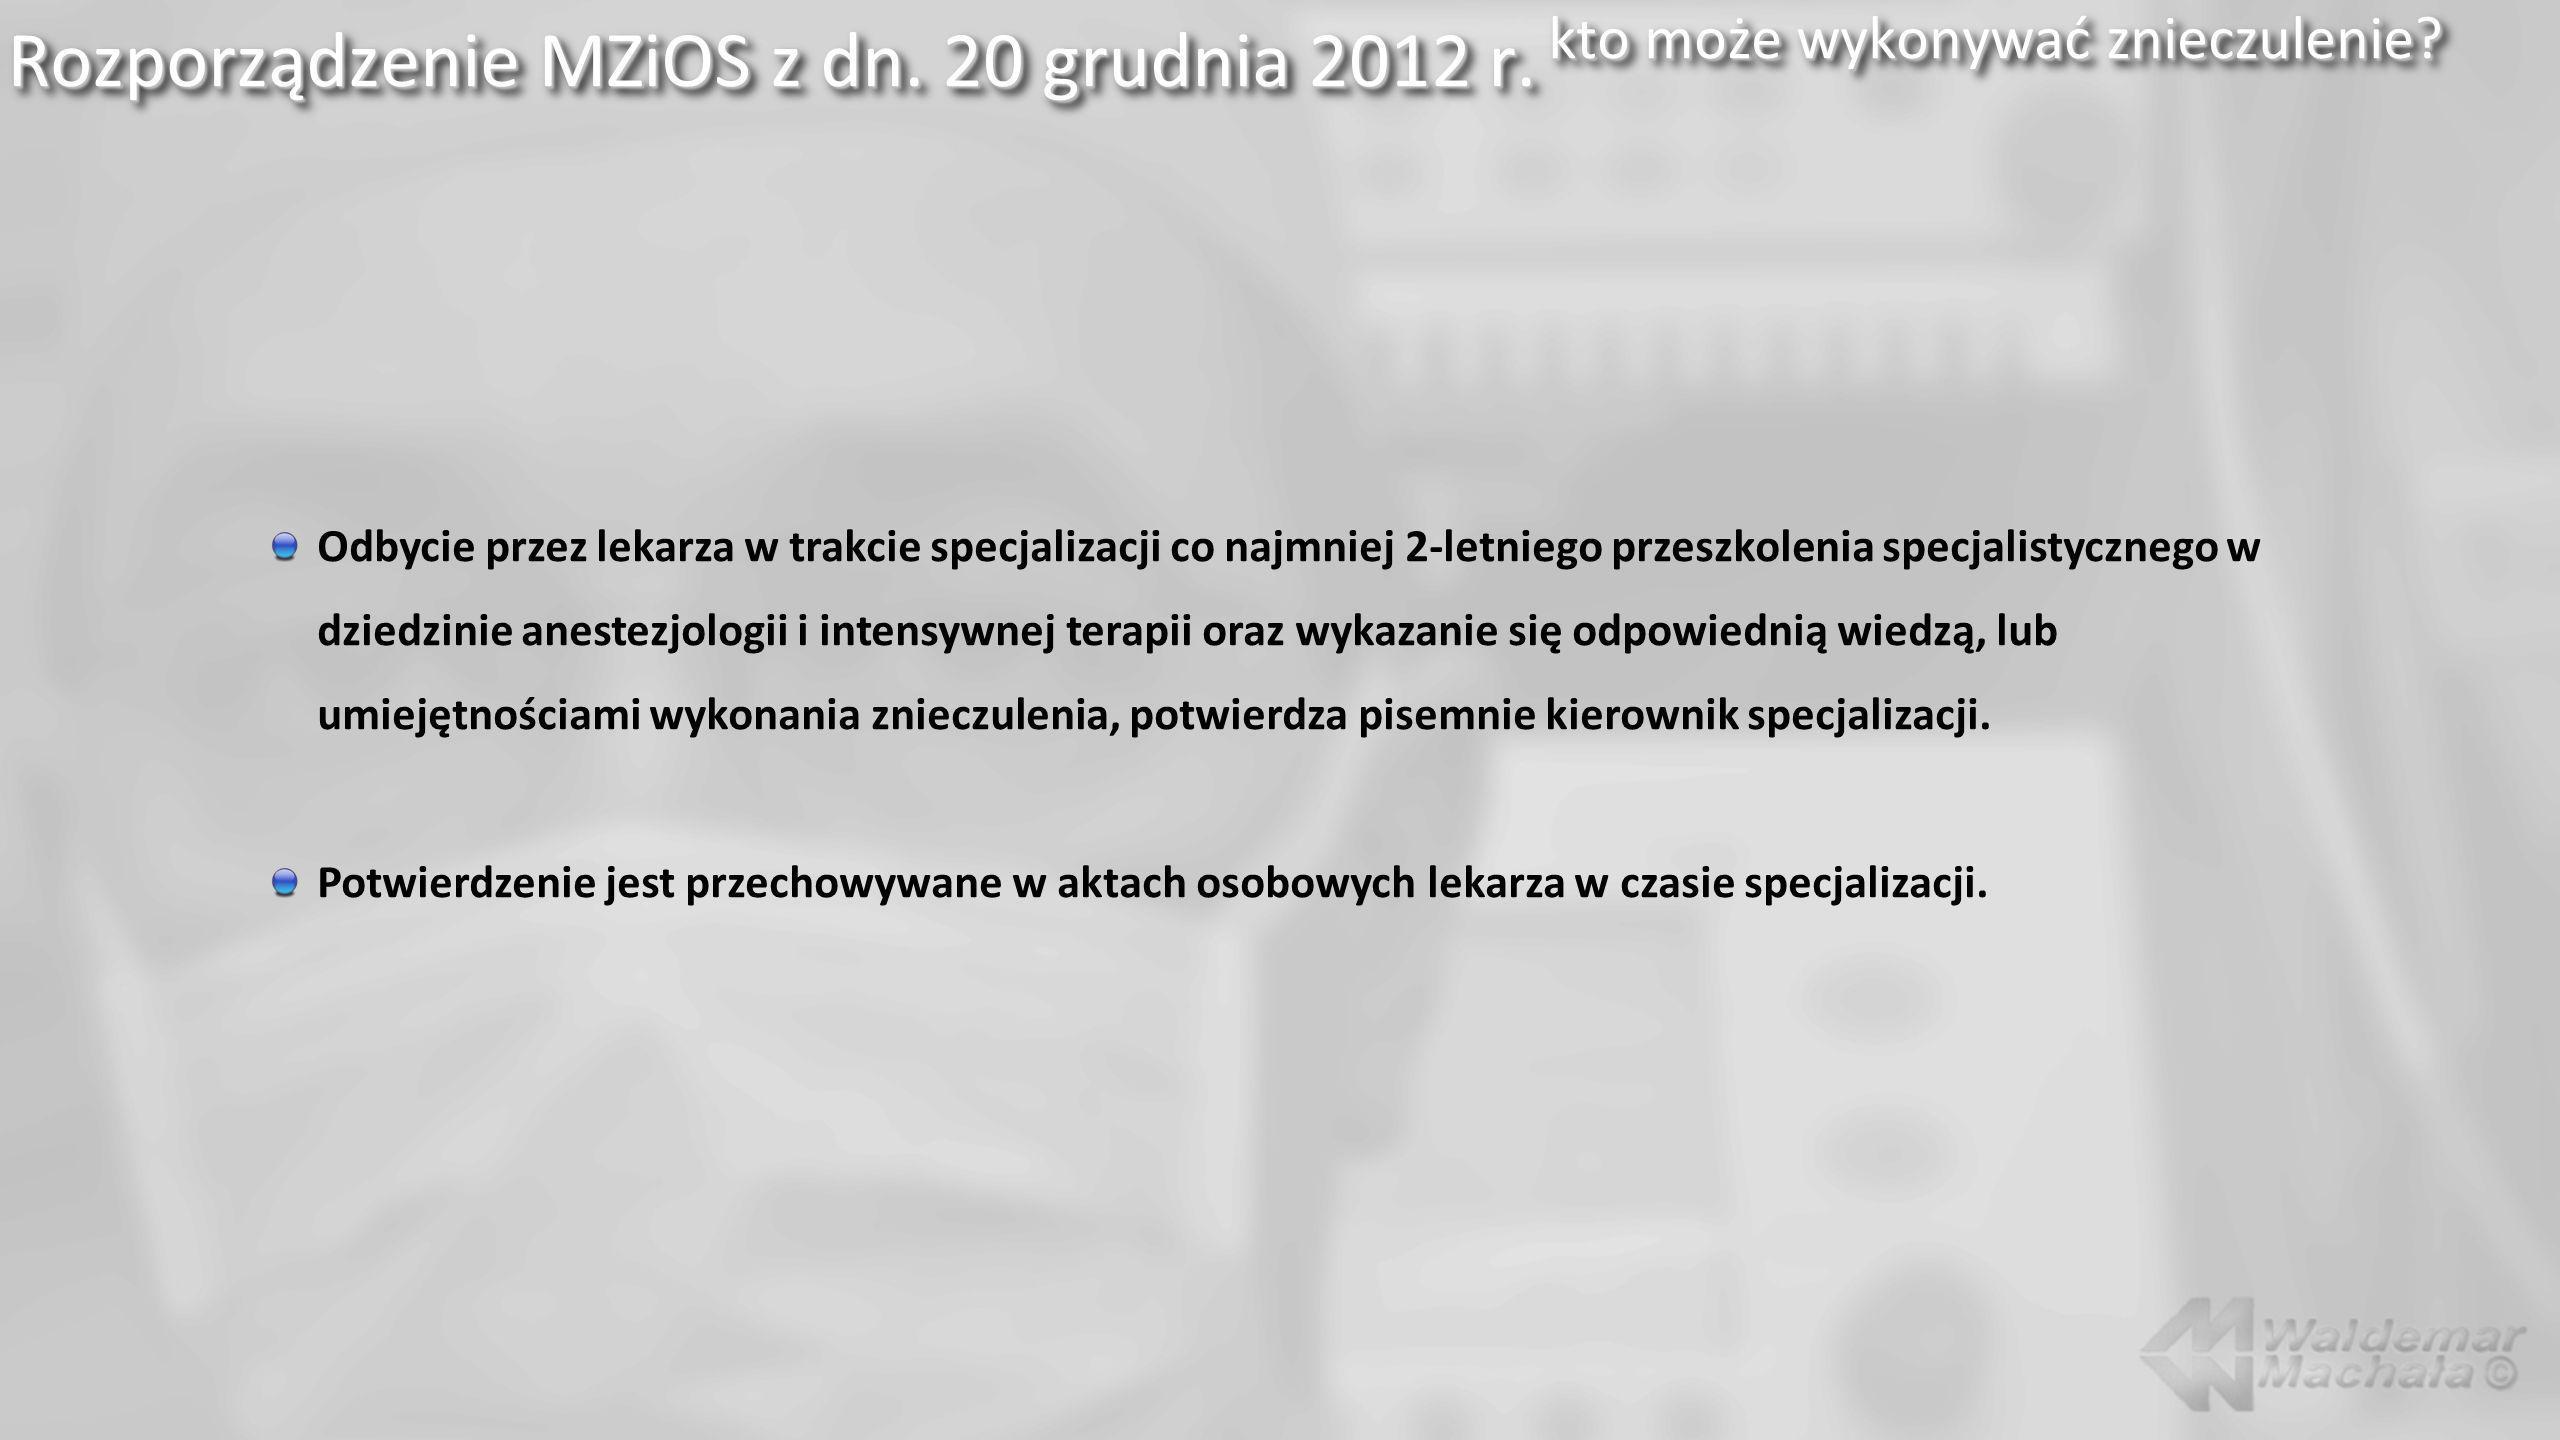 Rozporządzenie MZiOS z dn. 20 grudnia 2012 r. kto może wykonywać znieczulenie? Odbycie przez lekarza w trakcie specjalizacji co najmniej 2-letniego pr